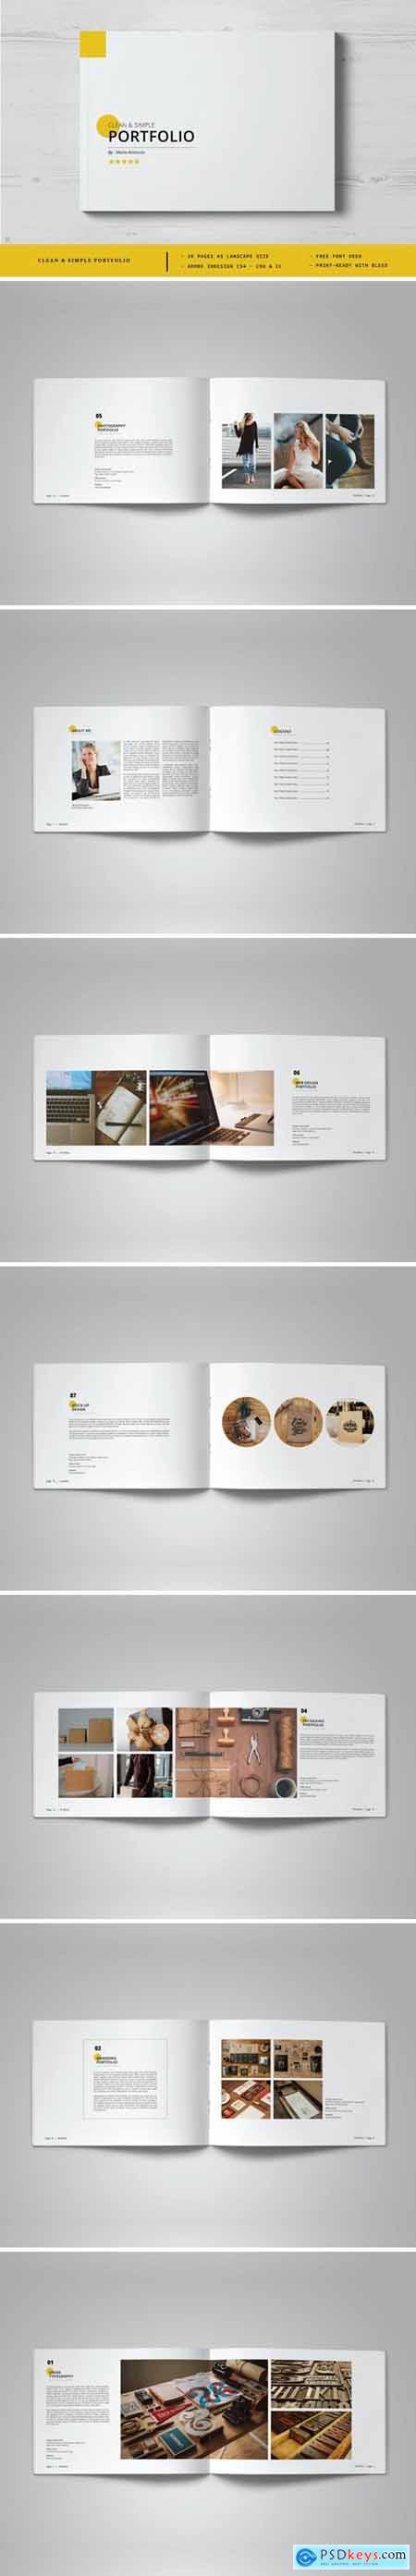 Clean & Simple Portfolio